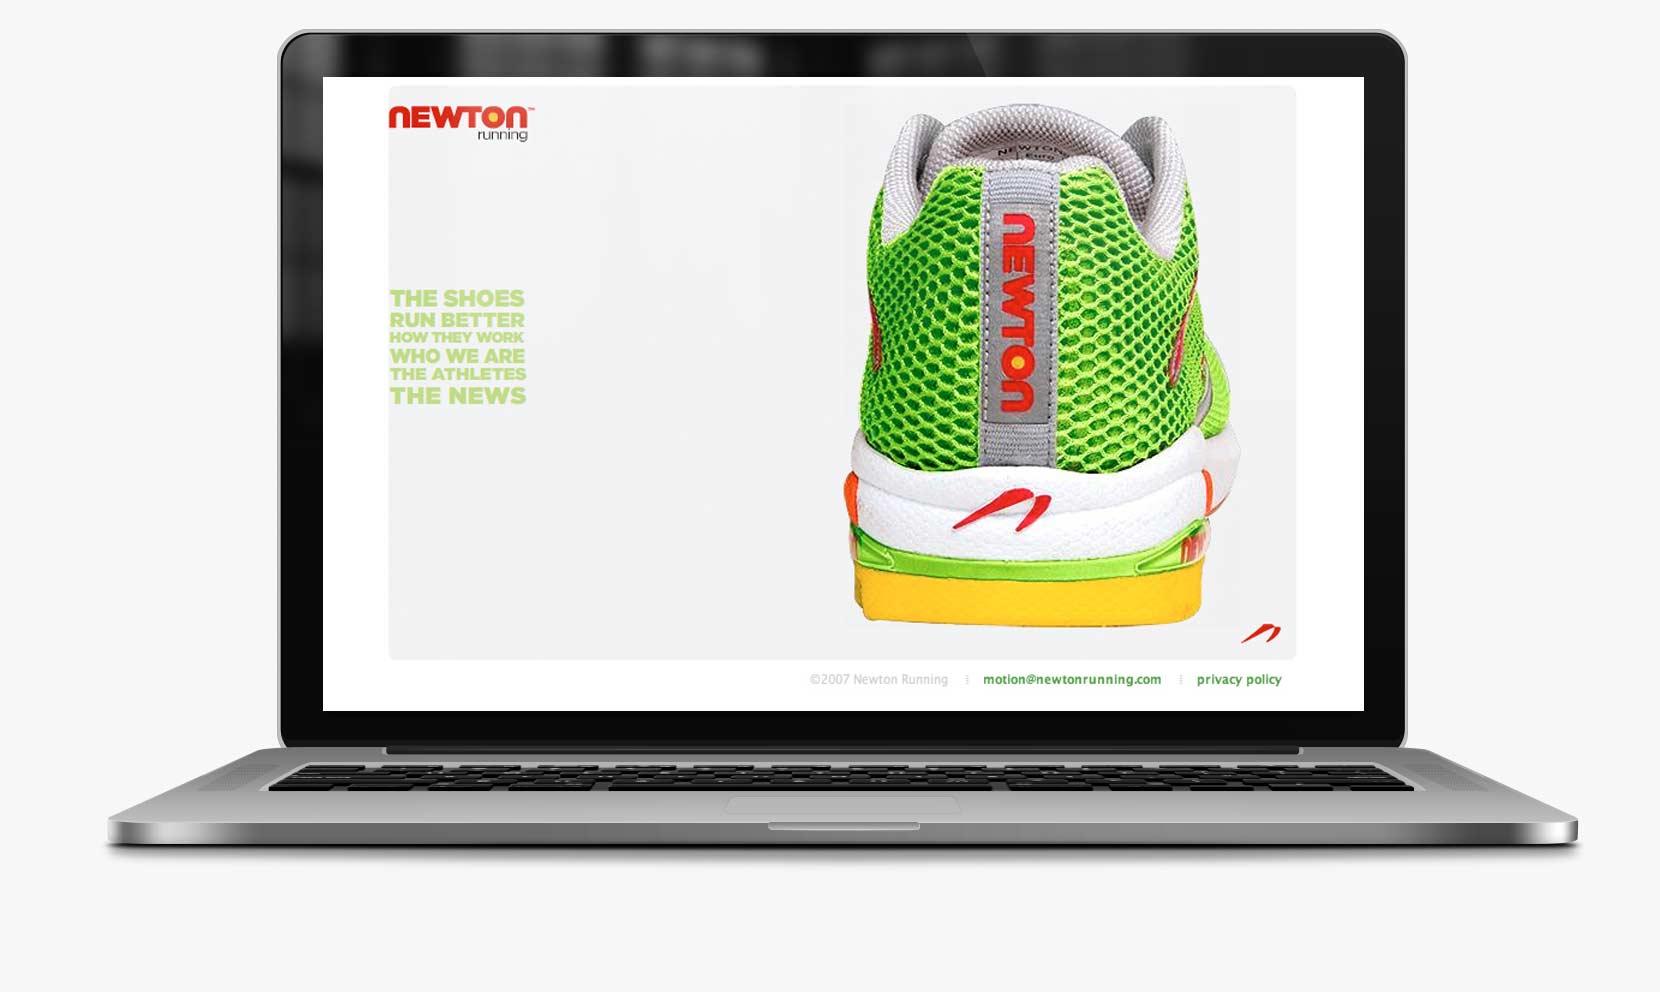 Newton-Running-Shoe_website-design_commerce_home.jpg